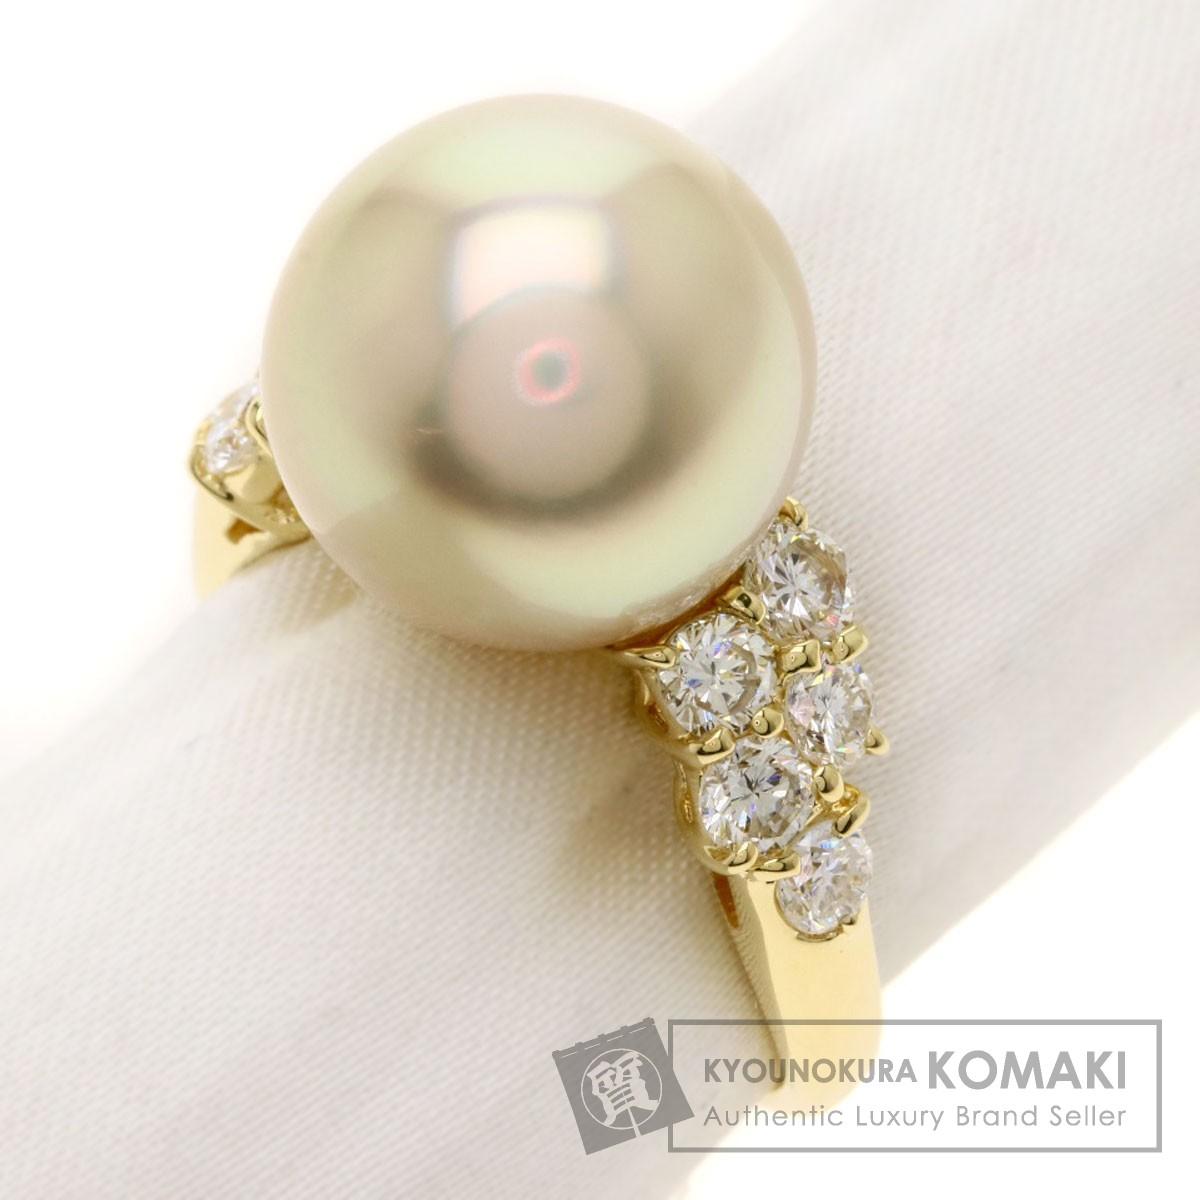 パール 真珠 ダイヤモンド リング・指輪 K18イエローゴールド 6.9g レディース 【中古】